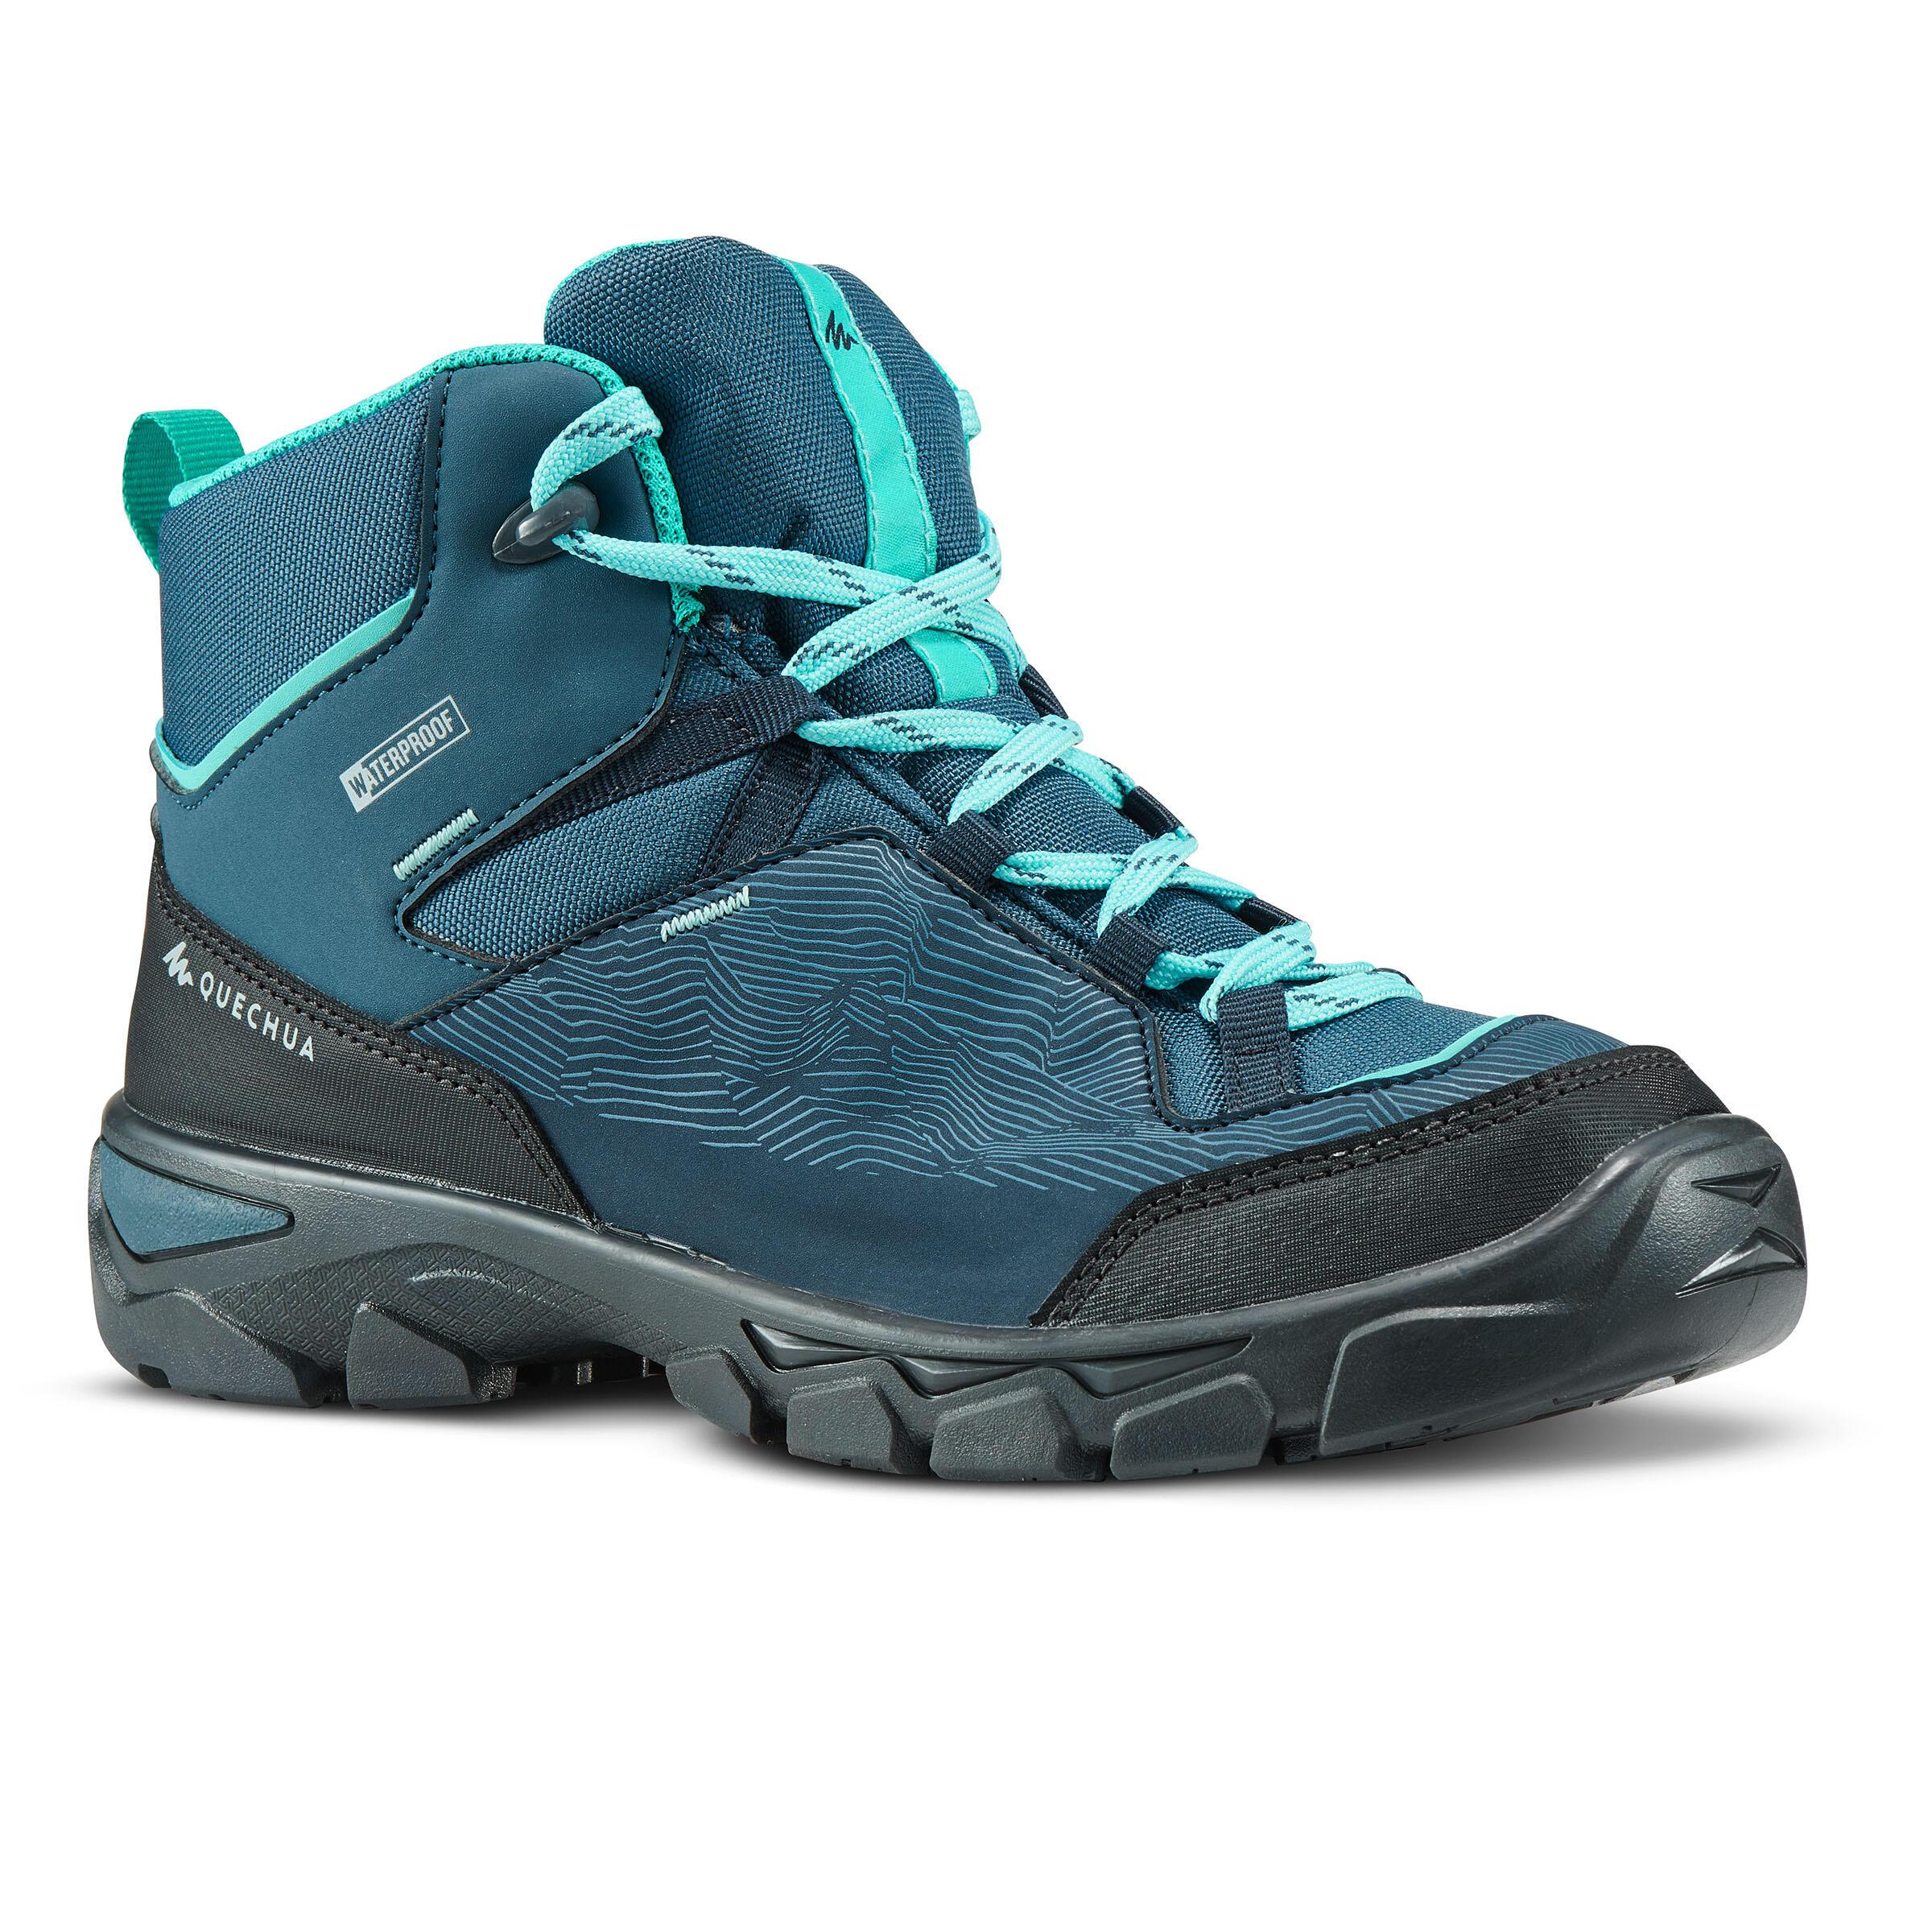 9c69c18e Comprar calzado deportivo para niños y bebés online  Decathlon